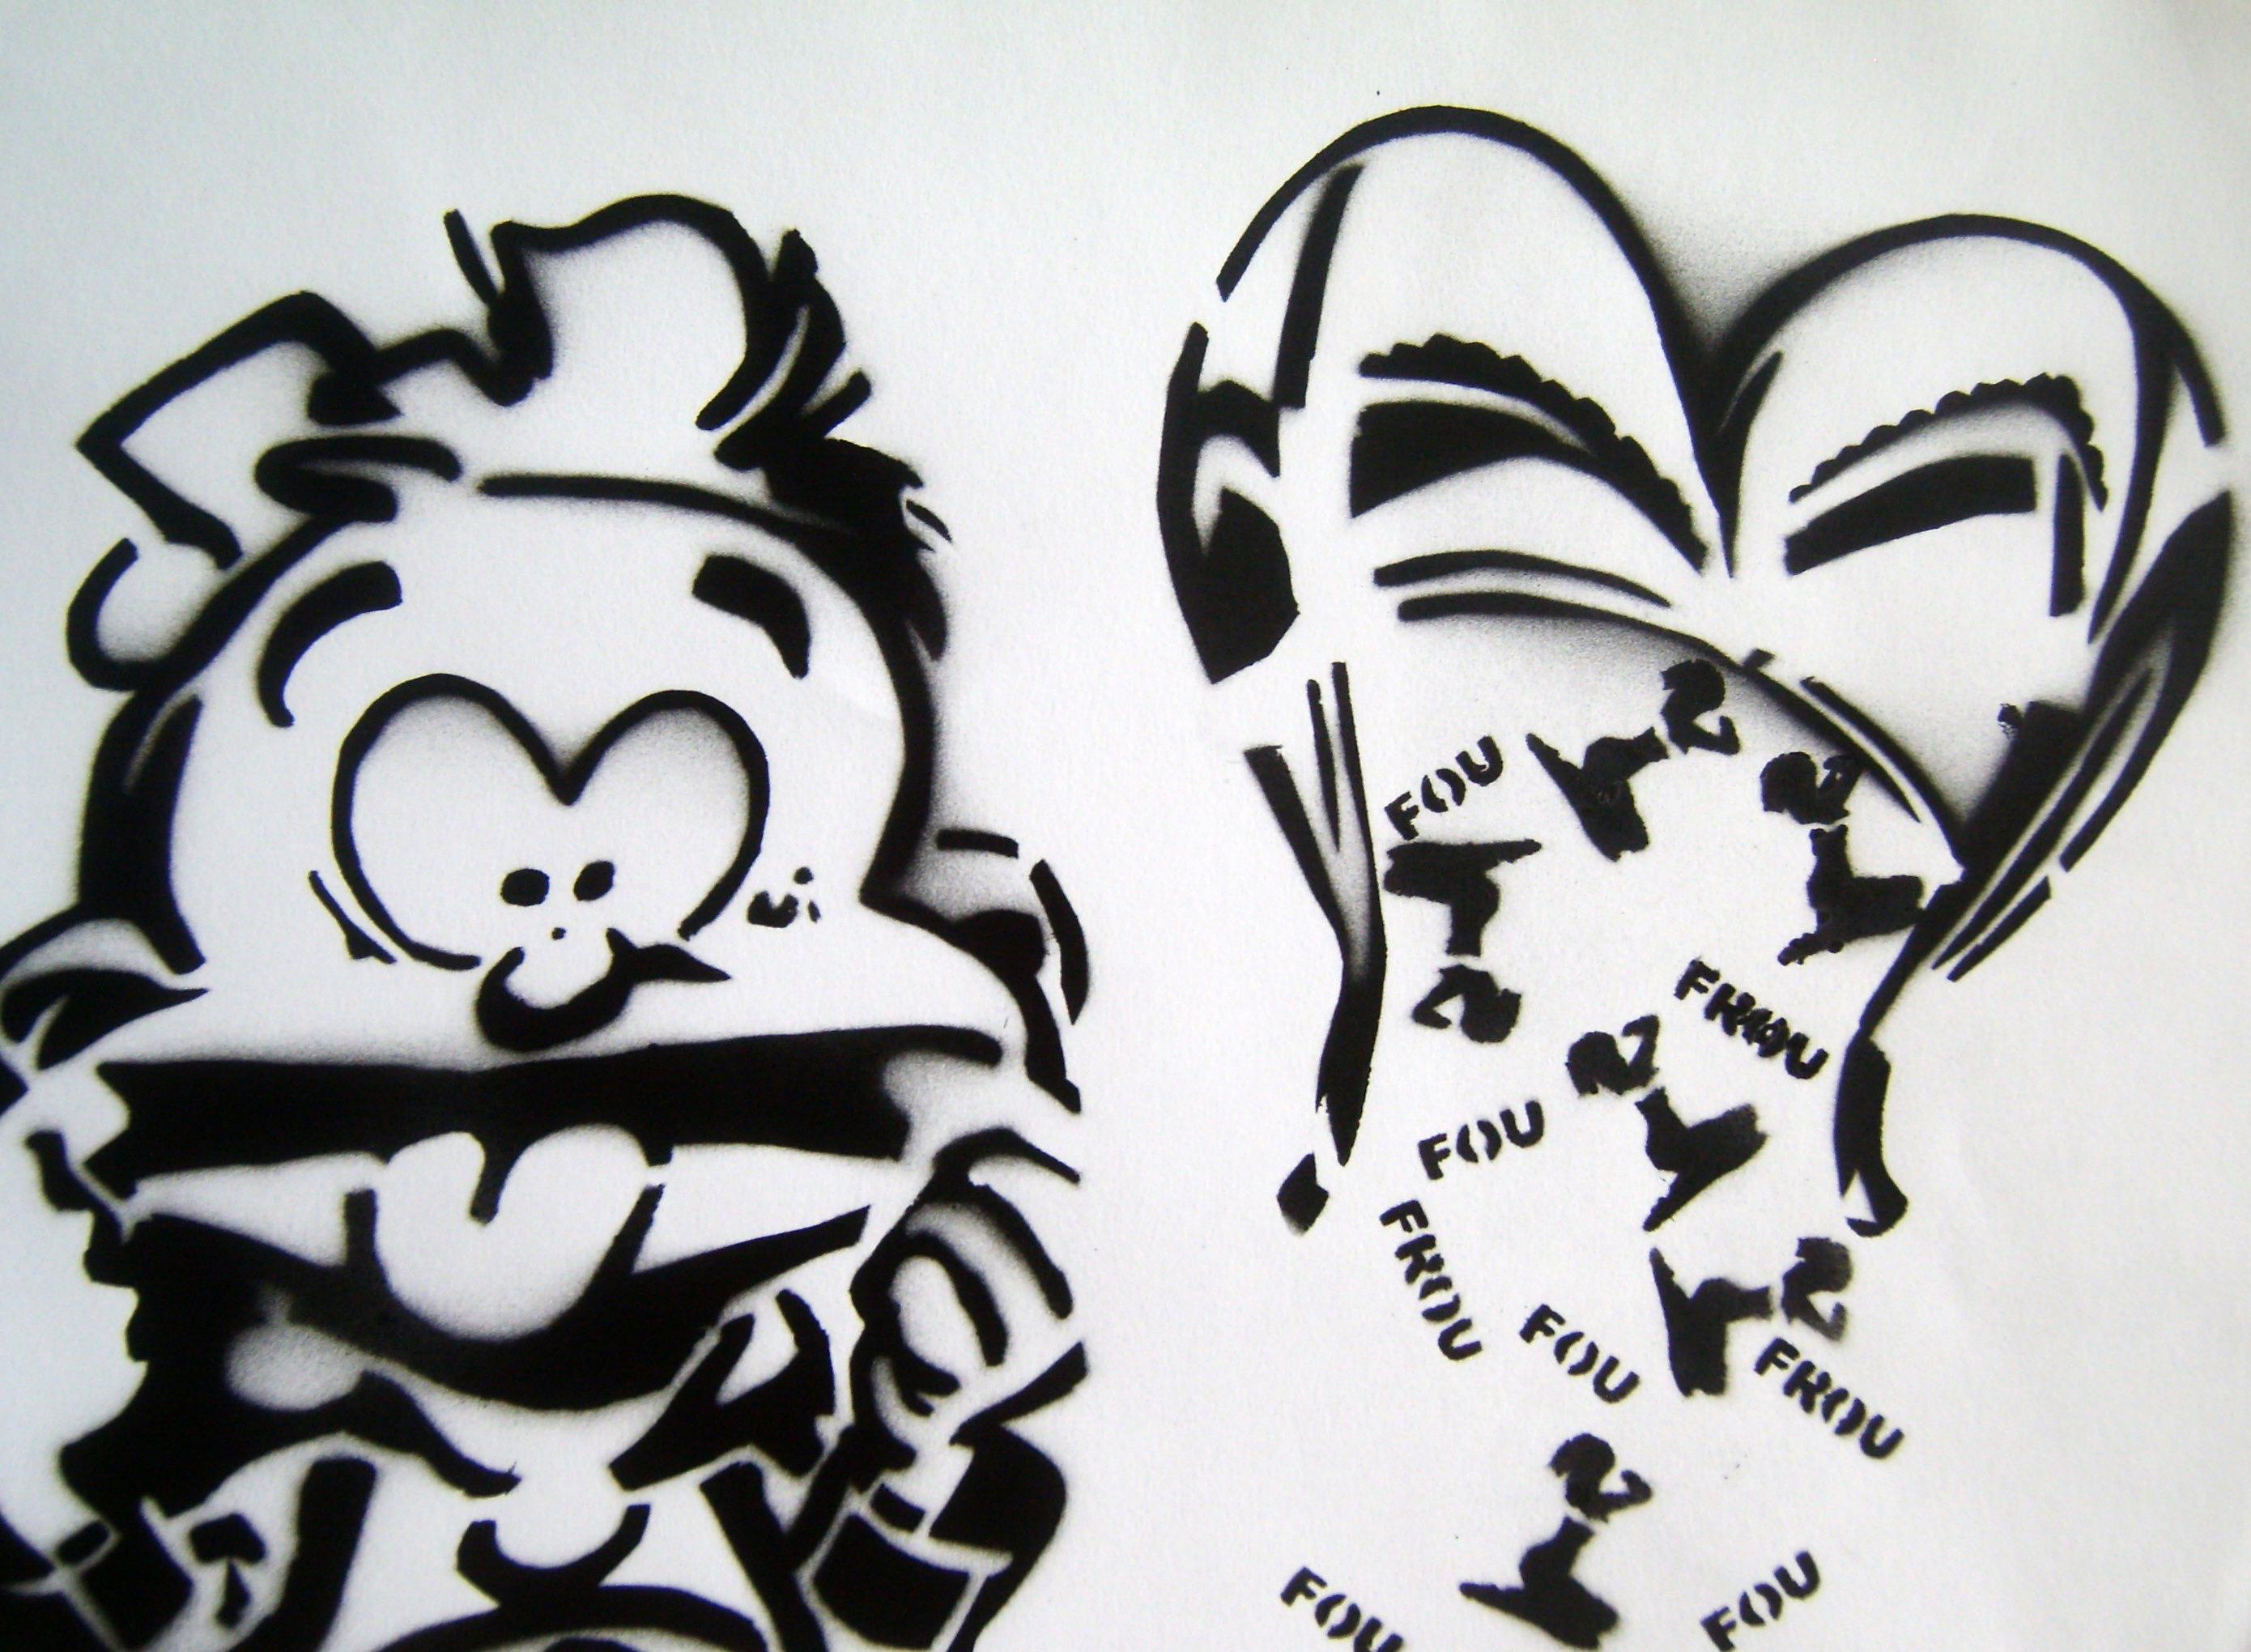 Le Petit Spirou stencil 2006